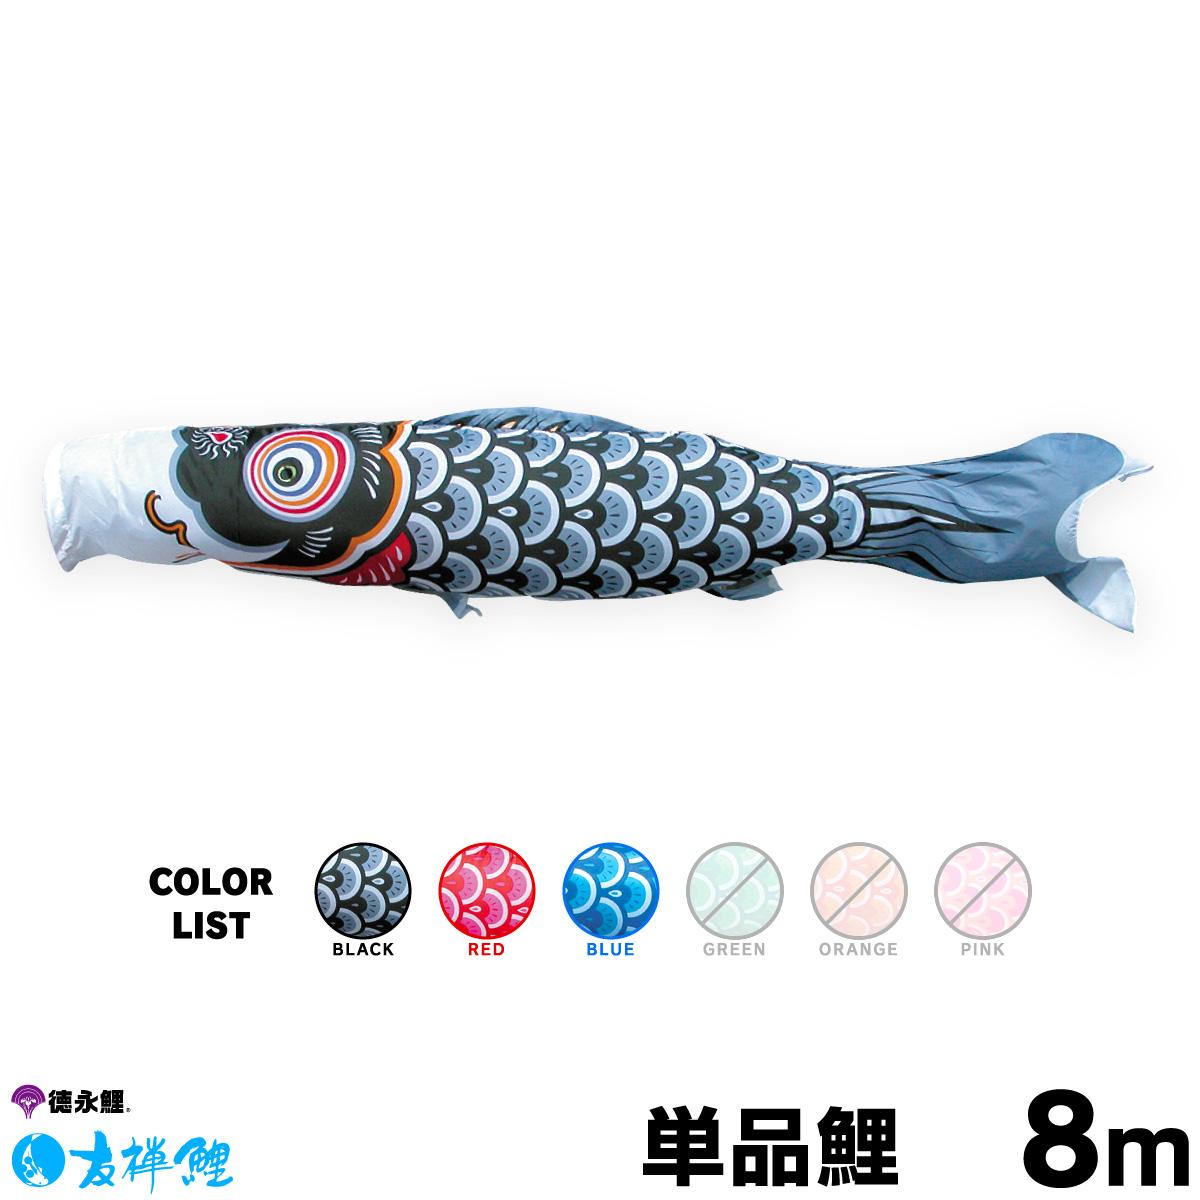 【こいのぼり 単品】 友禅鯉 8m 単品鯉 黒 赤 青